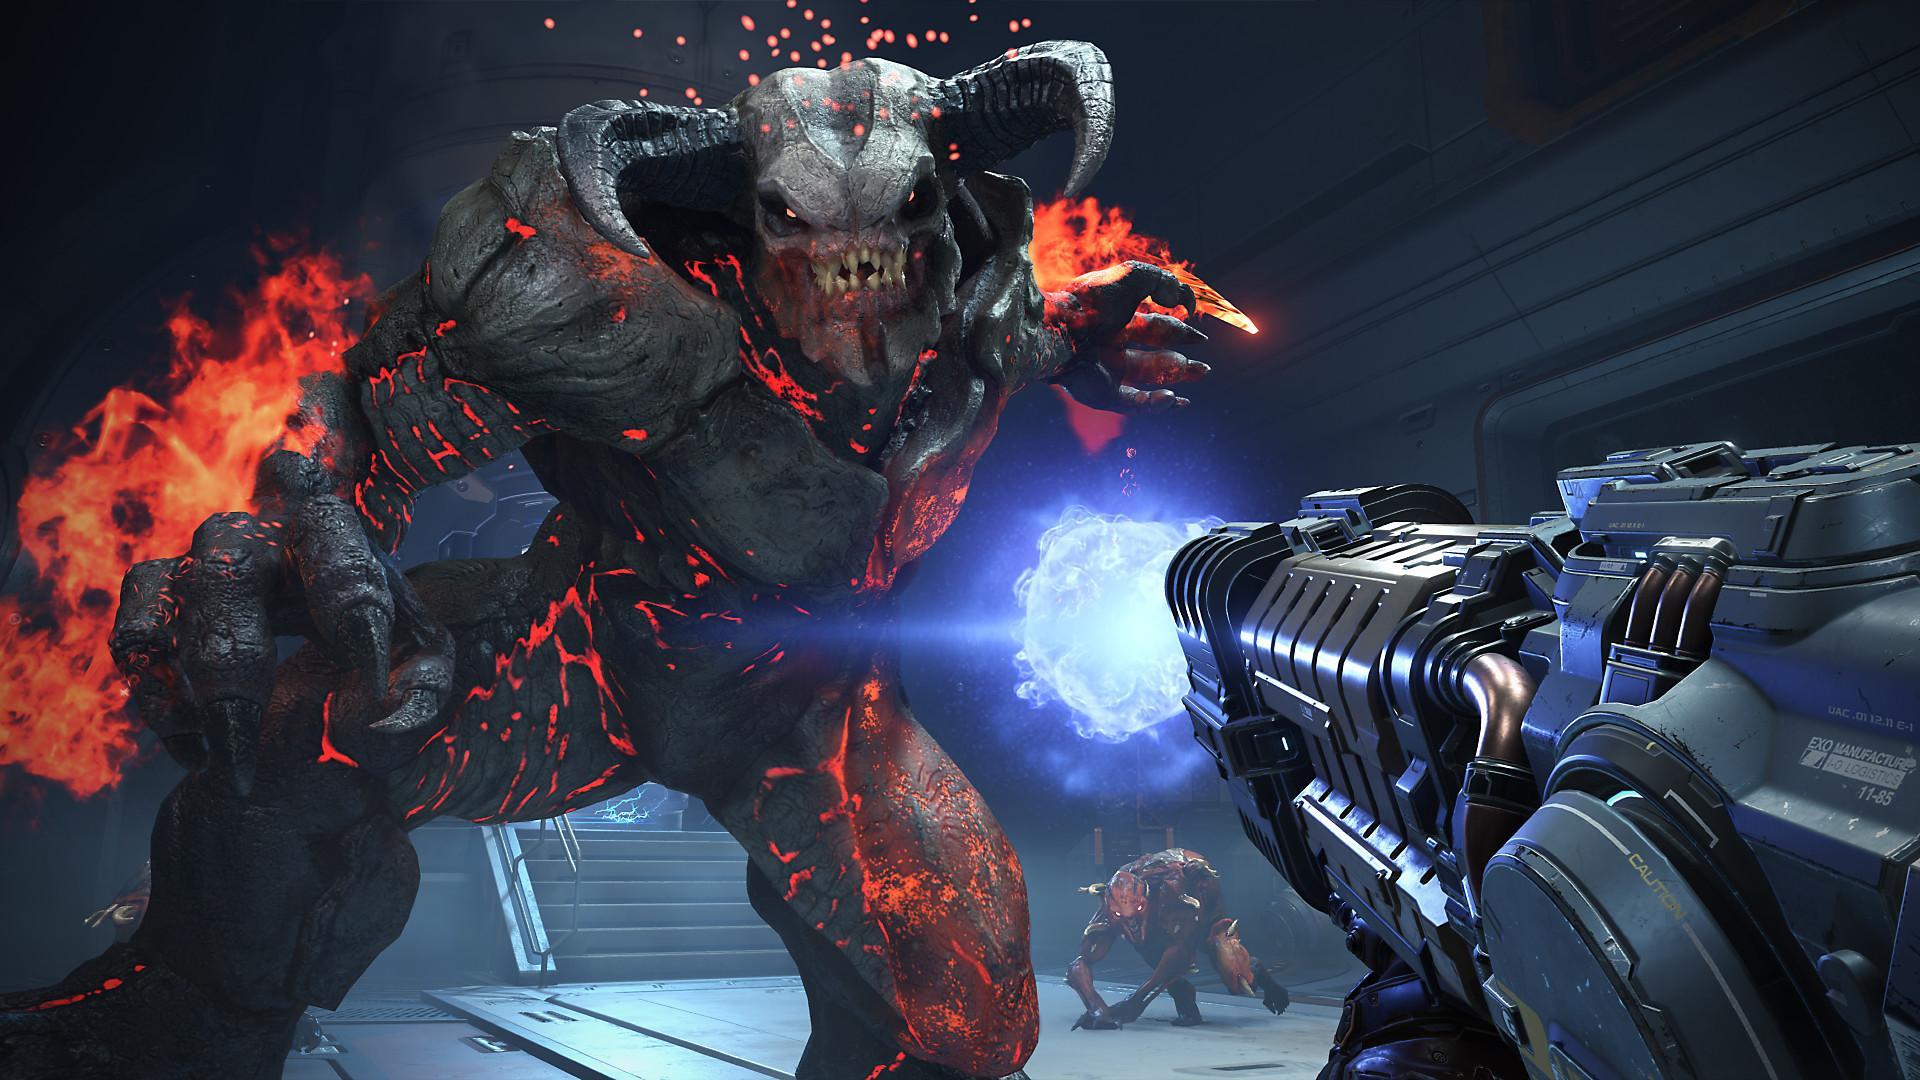 Jogo de tiro tem demônios para destruir usando vários tipos de armas. (Divulgação/Bethesda)